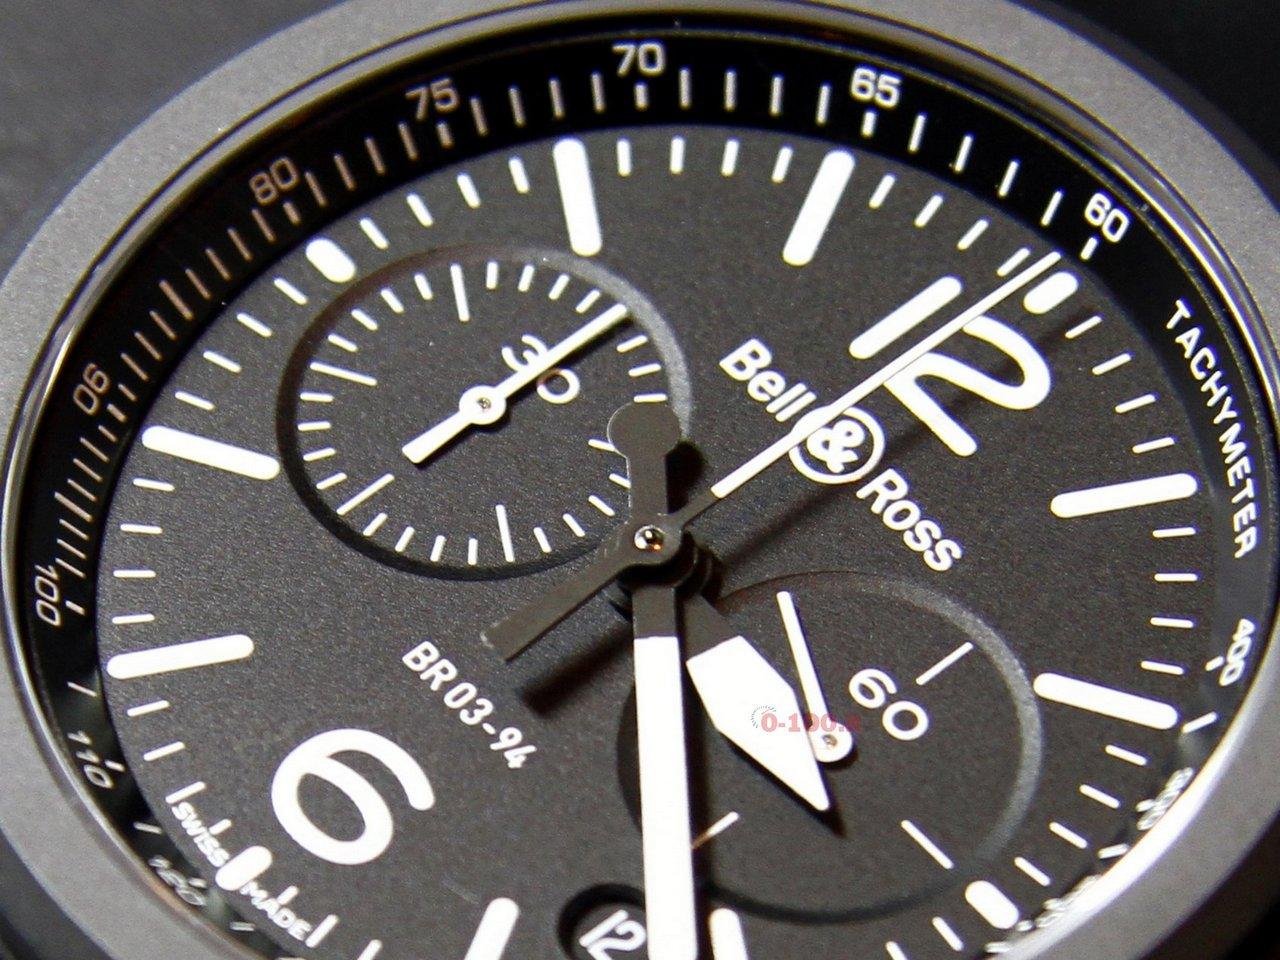 baselworld-2015_bell-ross_BR03-94-black-matte-chronograph-0-100-5